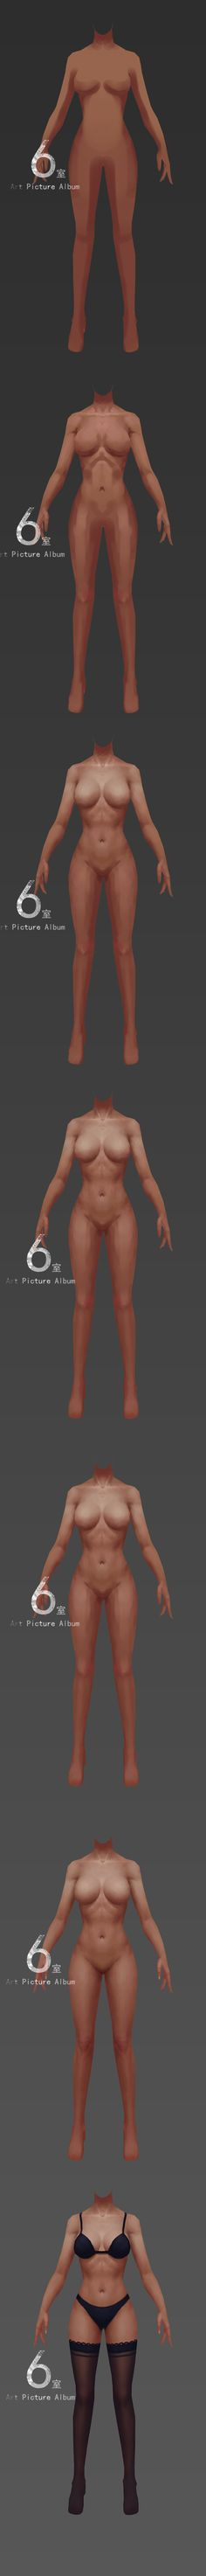 Female body anatomy paint. ¶ get more @rohitanshu ¶